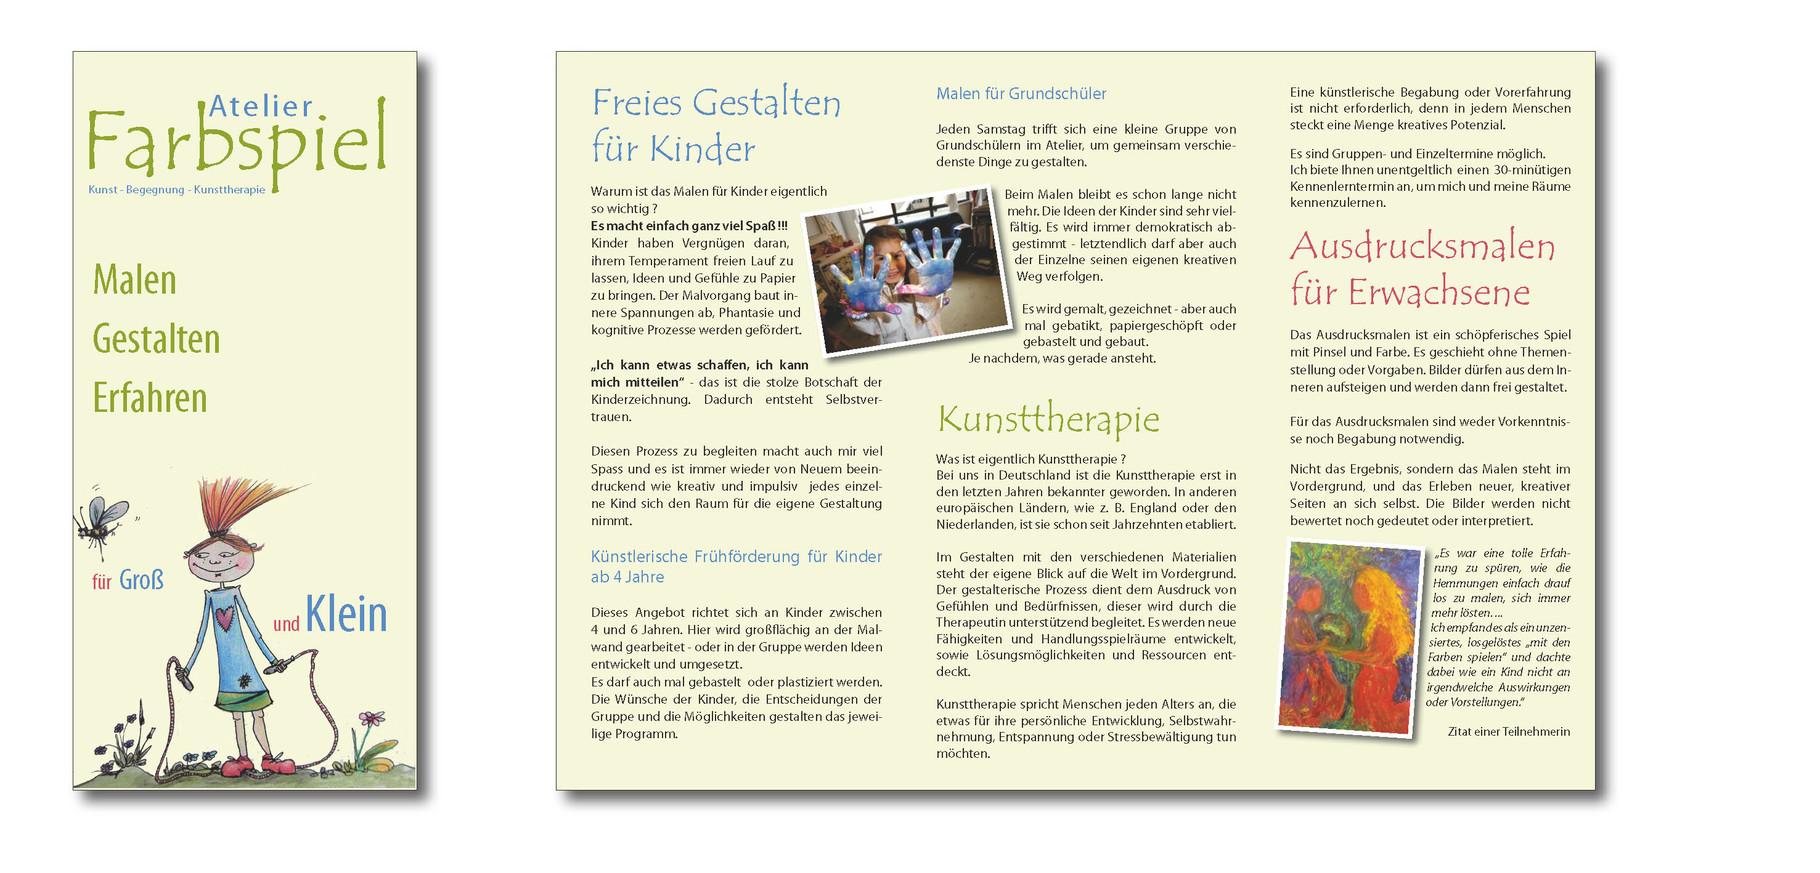 Faltblatt für Atelier Farbspiel in Frankfurt, Grafikbüro Petra Kress